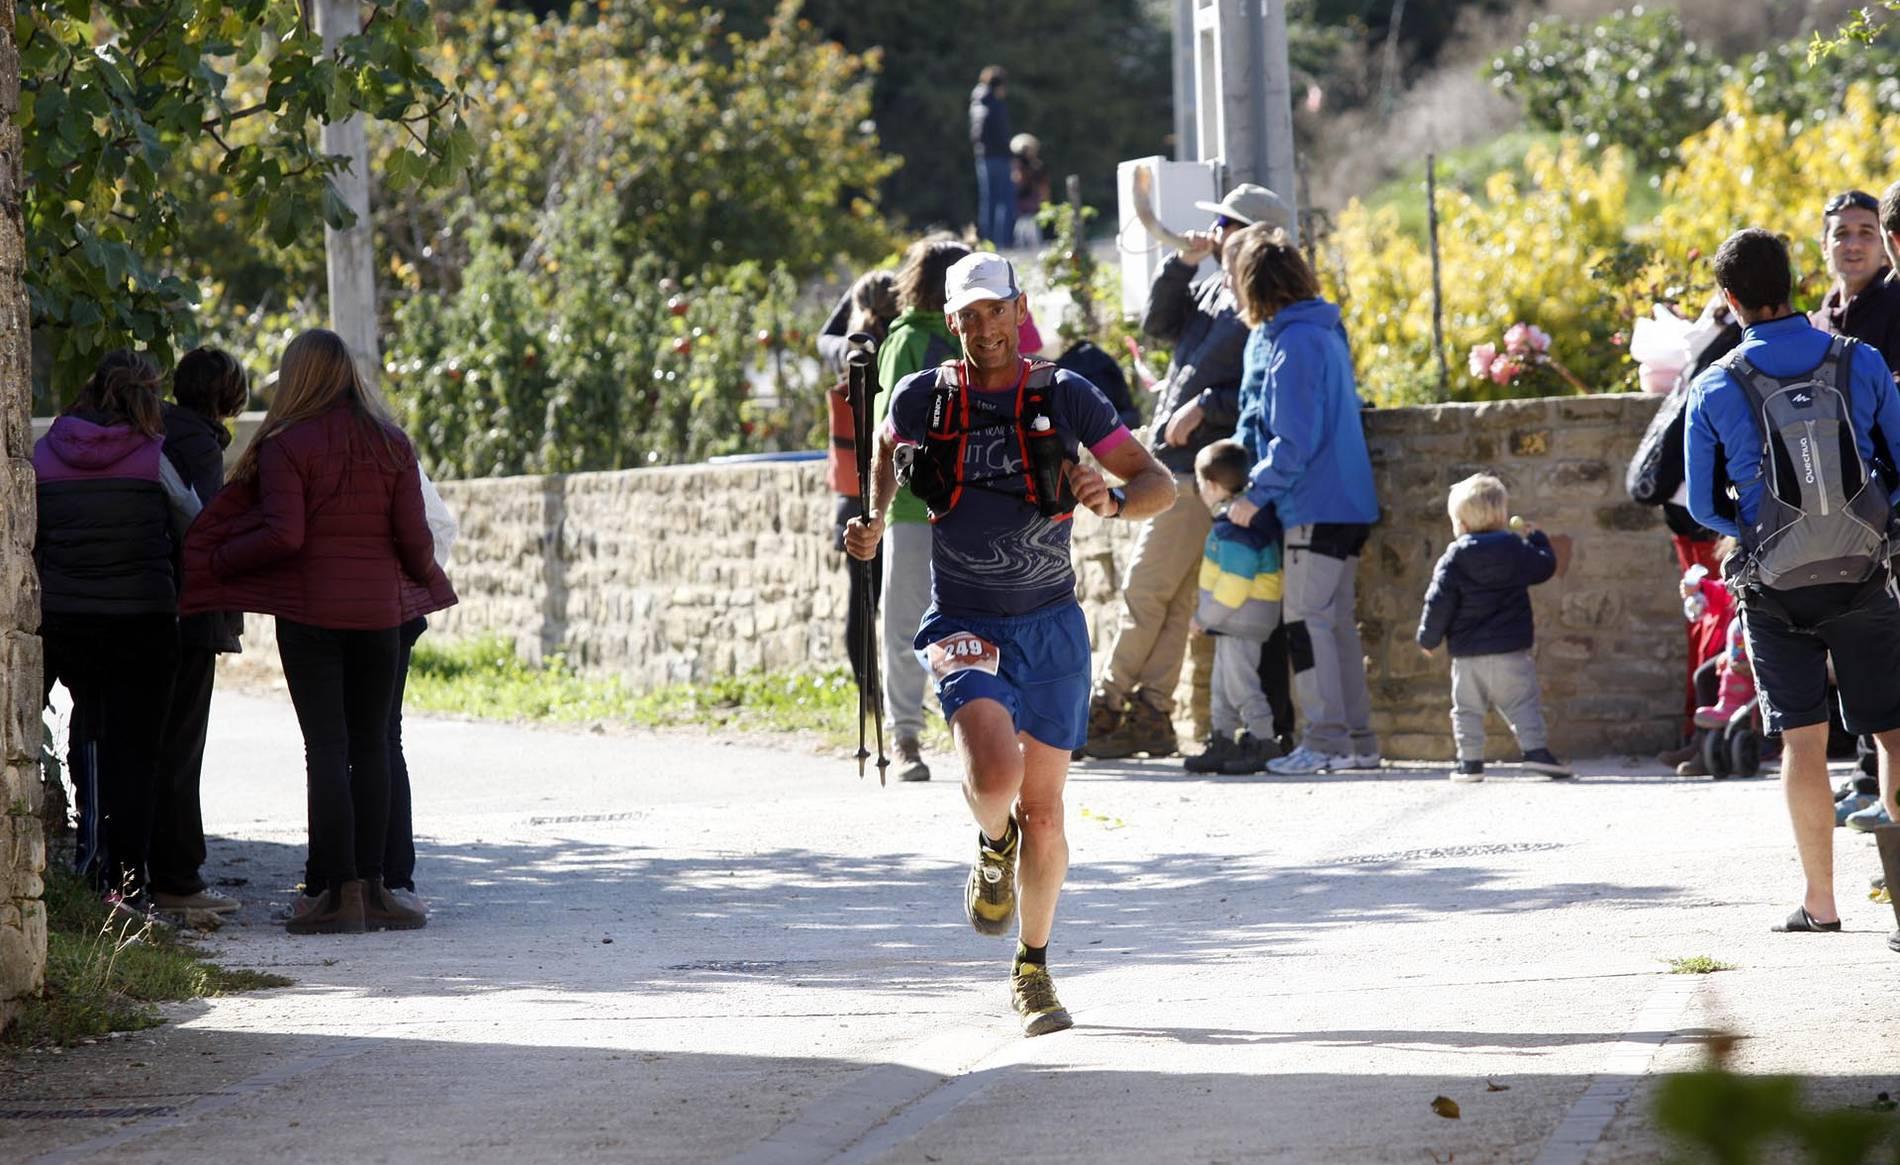 Izaga Trail 2017 (1/108) - Galería de imágenes de la carrera celebrada el domingo 29 de octubre. - Fotos DNRunning -